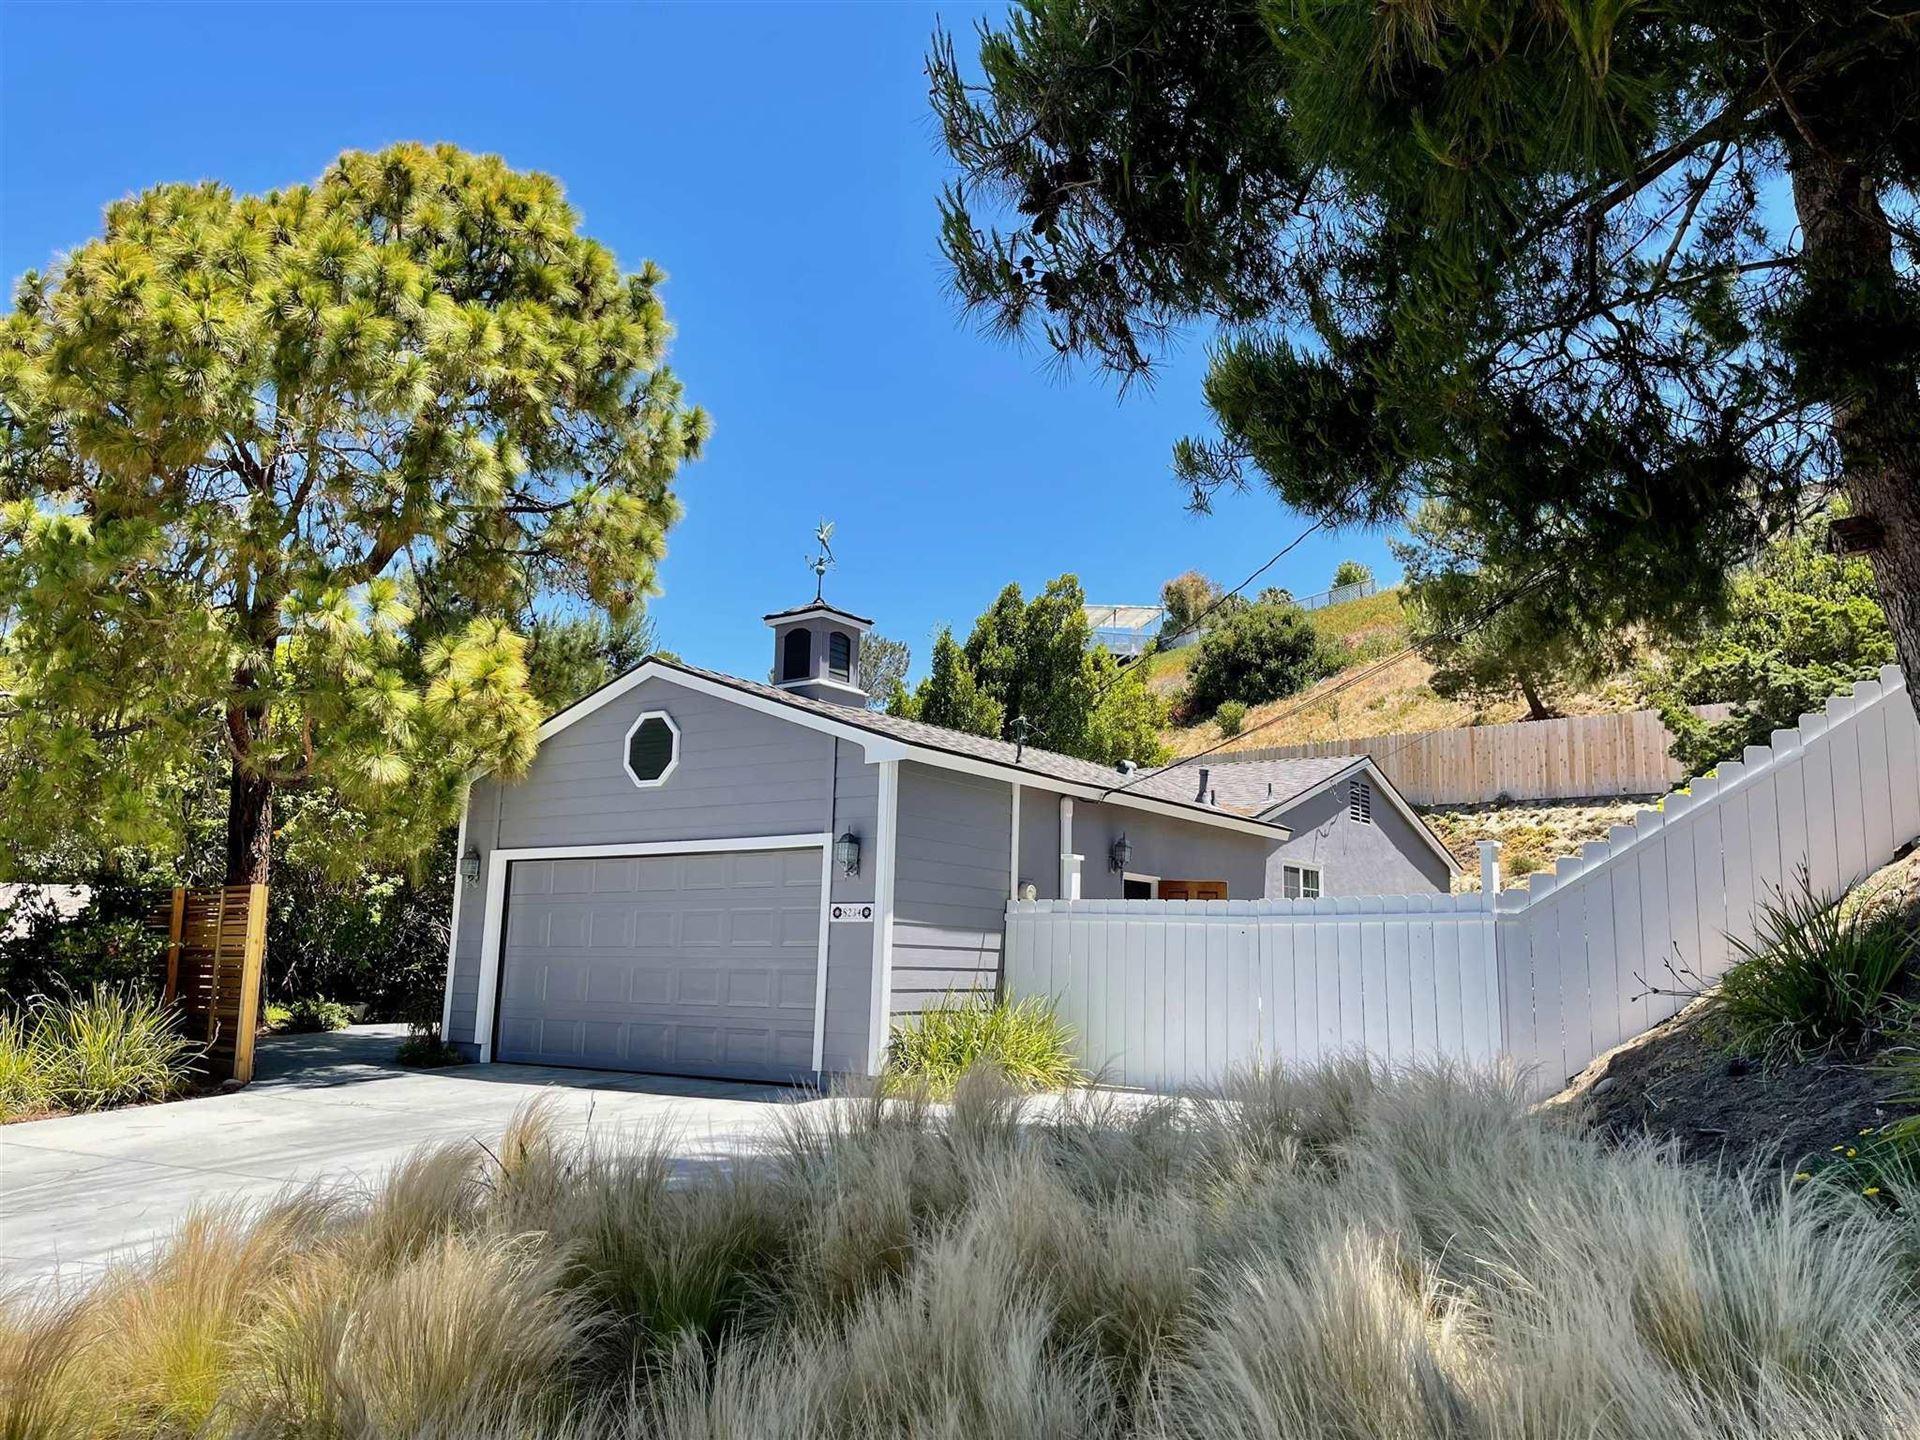 Photo of 8234 Phyllis Pl, San Diego, CA 92123 (MLS # 210016087)